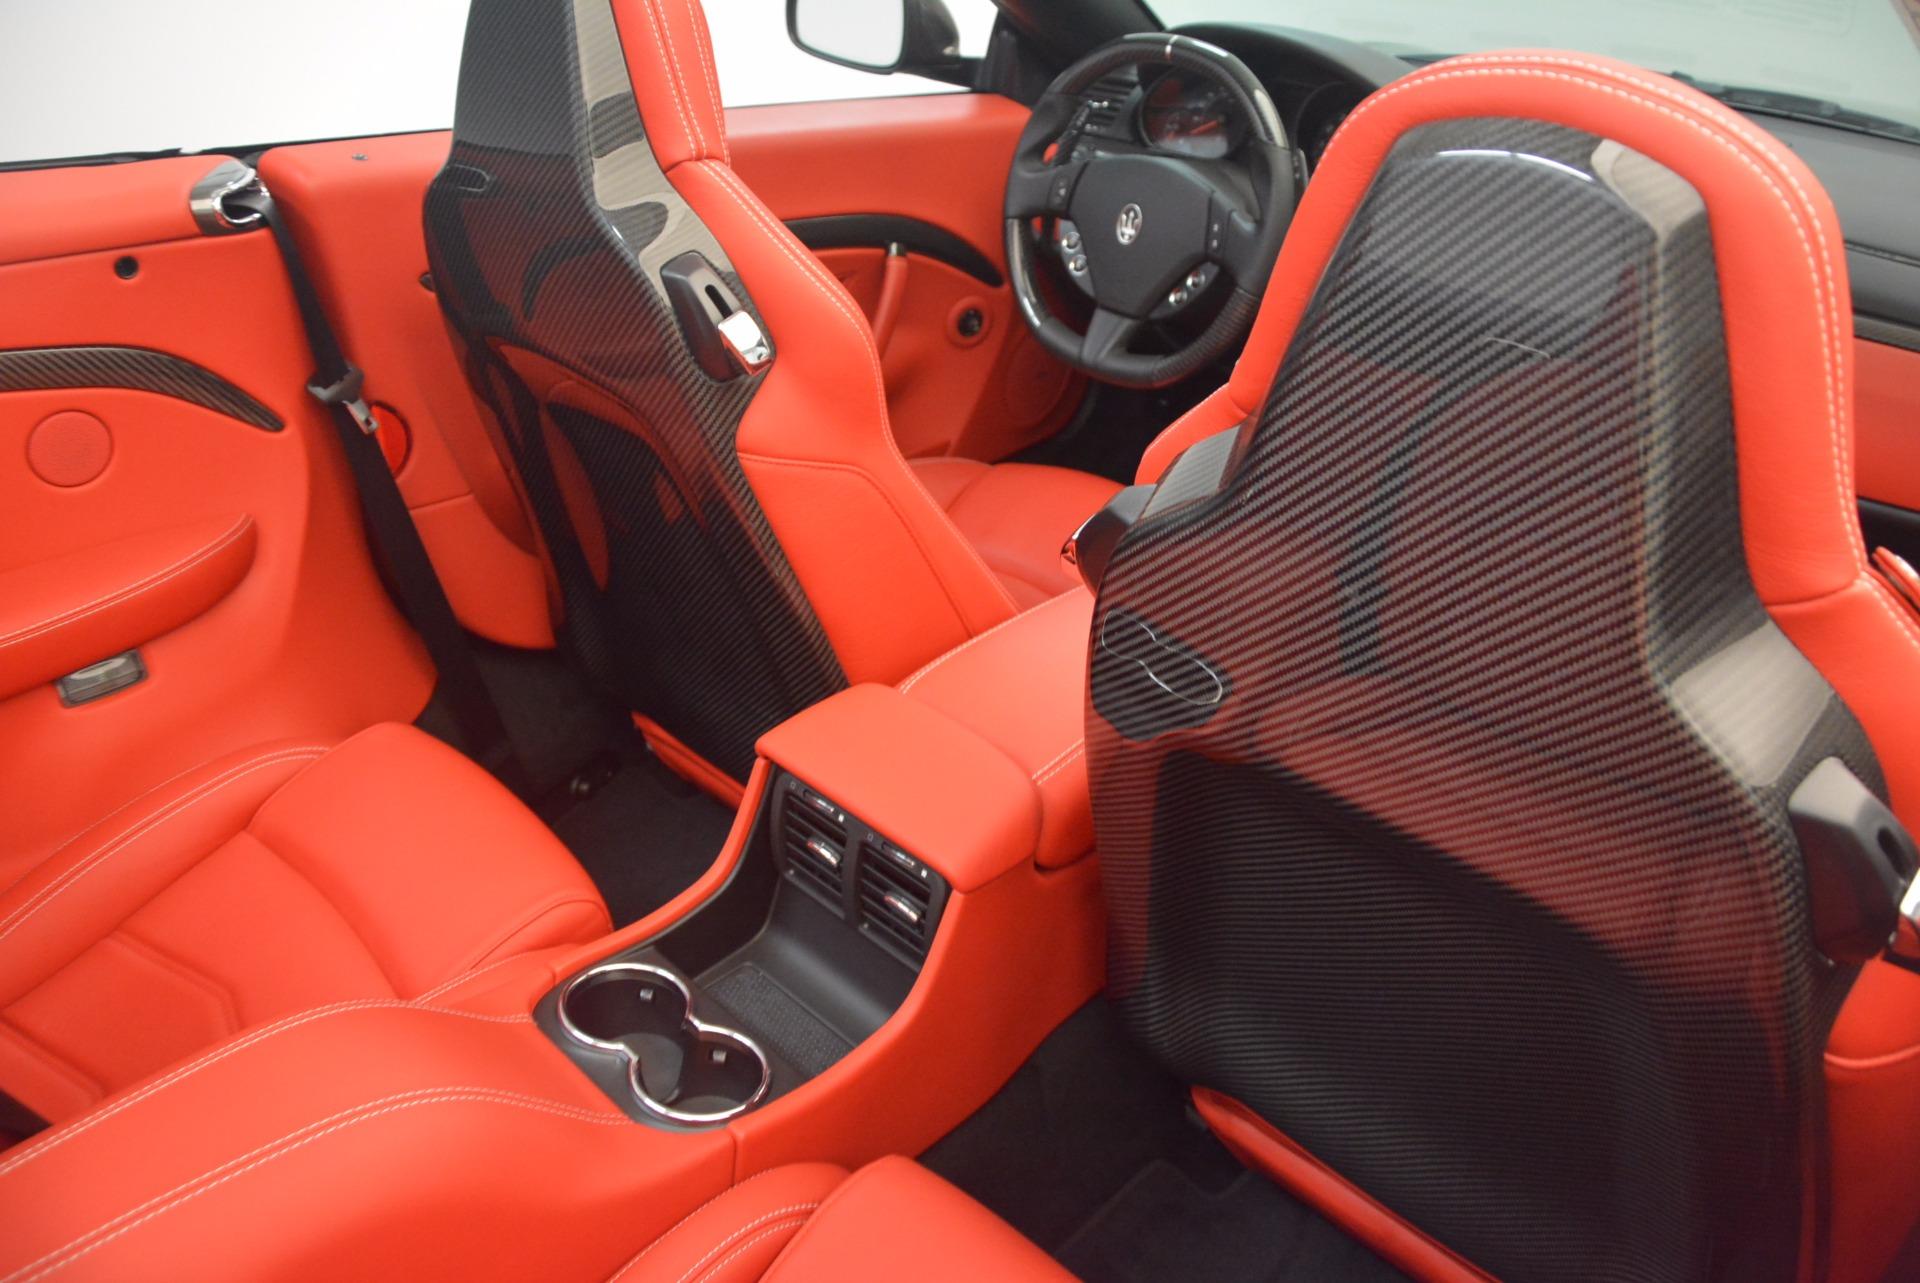 Used 2015 Maserati GranTurismo MC For Sale In Greenwich, CT 1135_p35